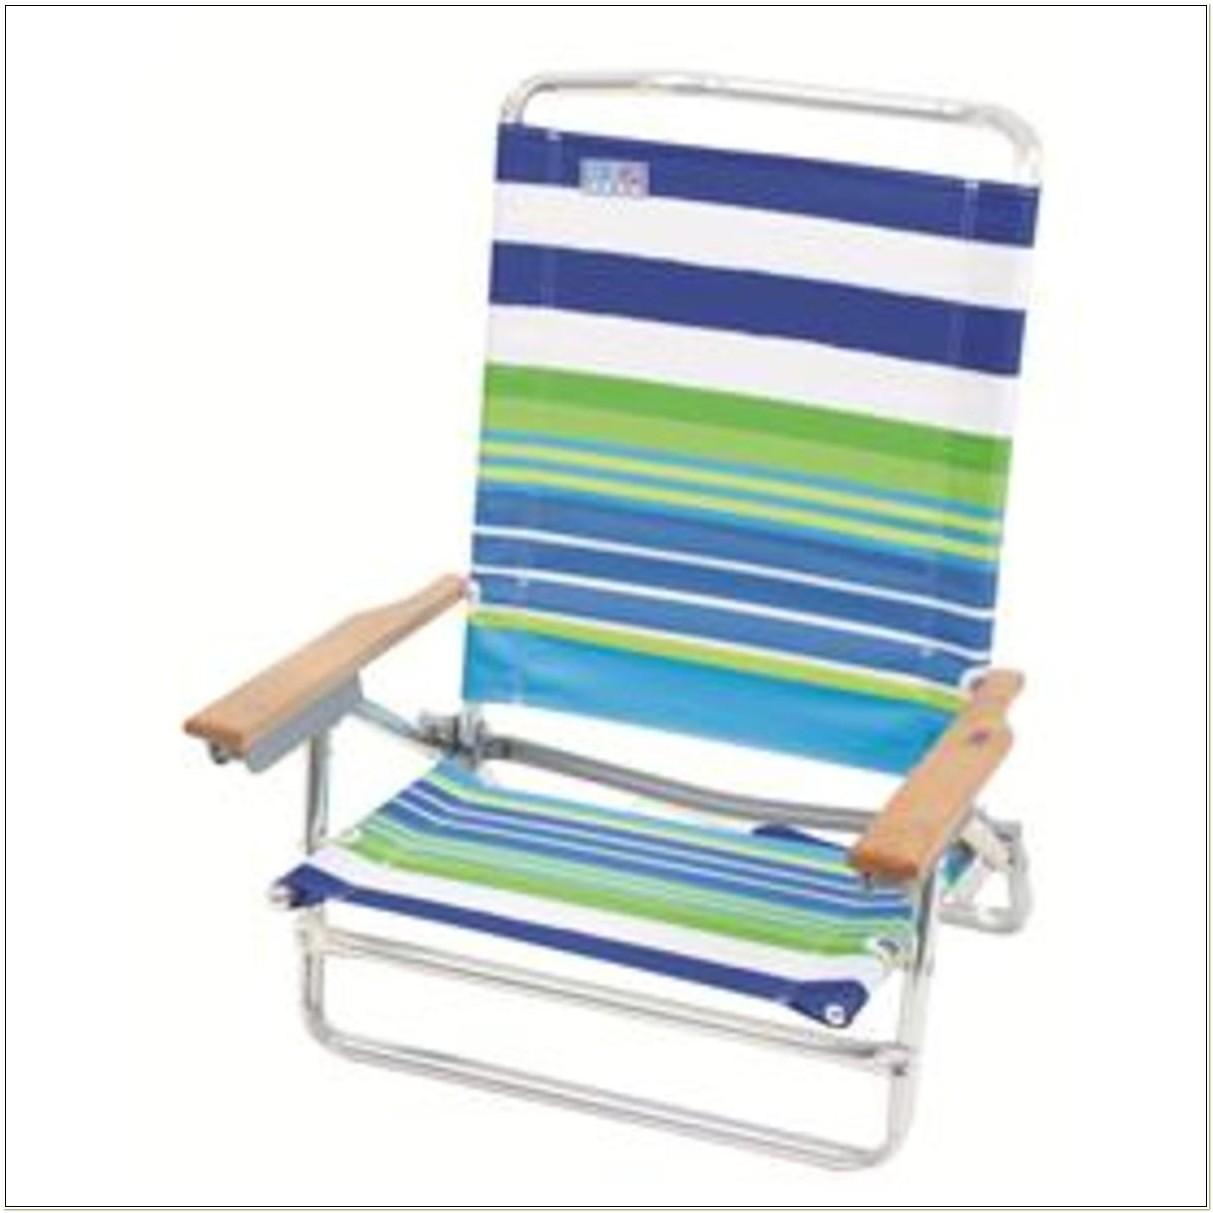 Rio 3 Position High Back Beach Chair